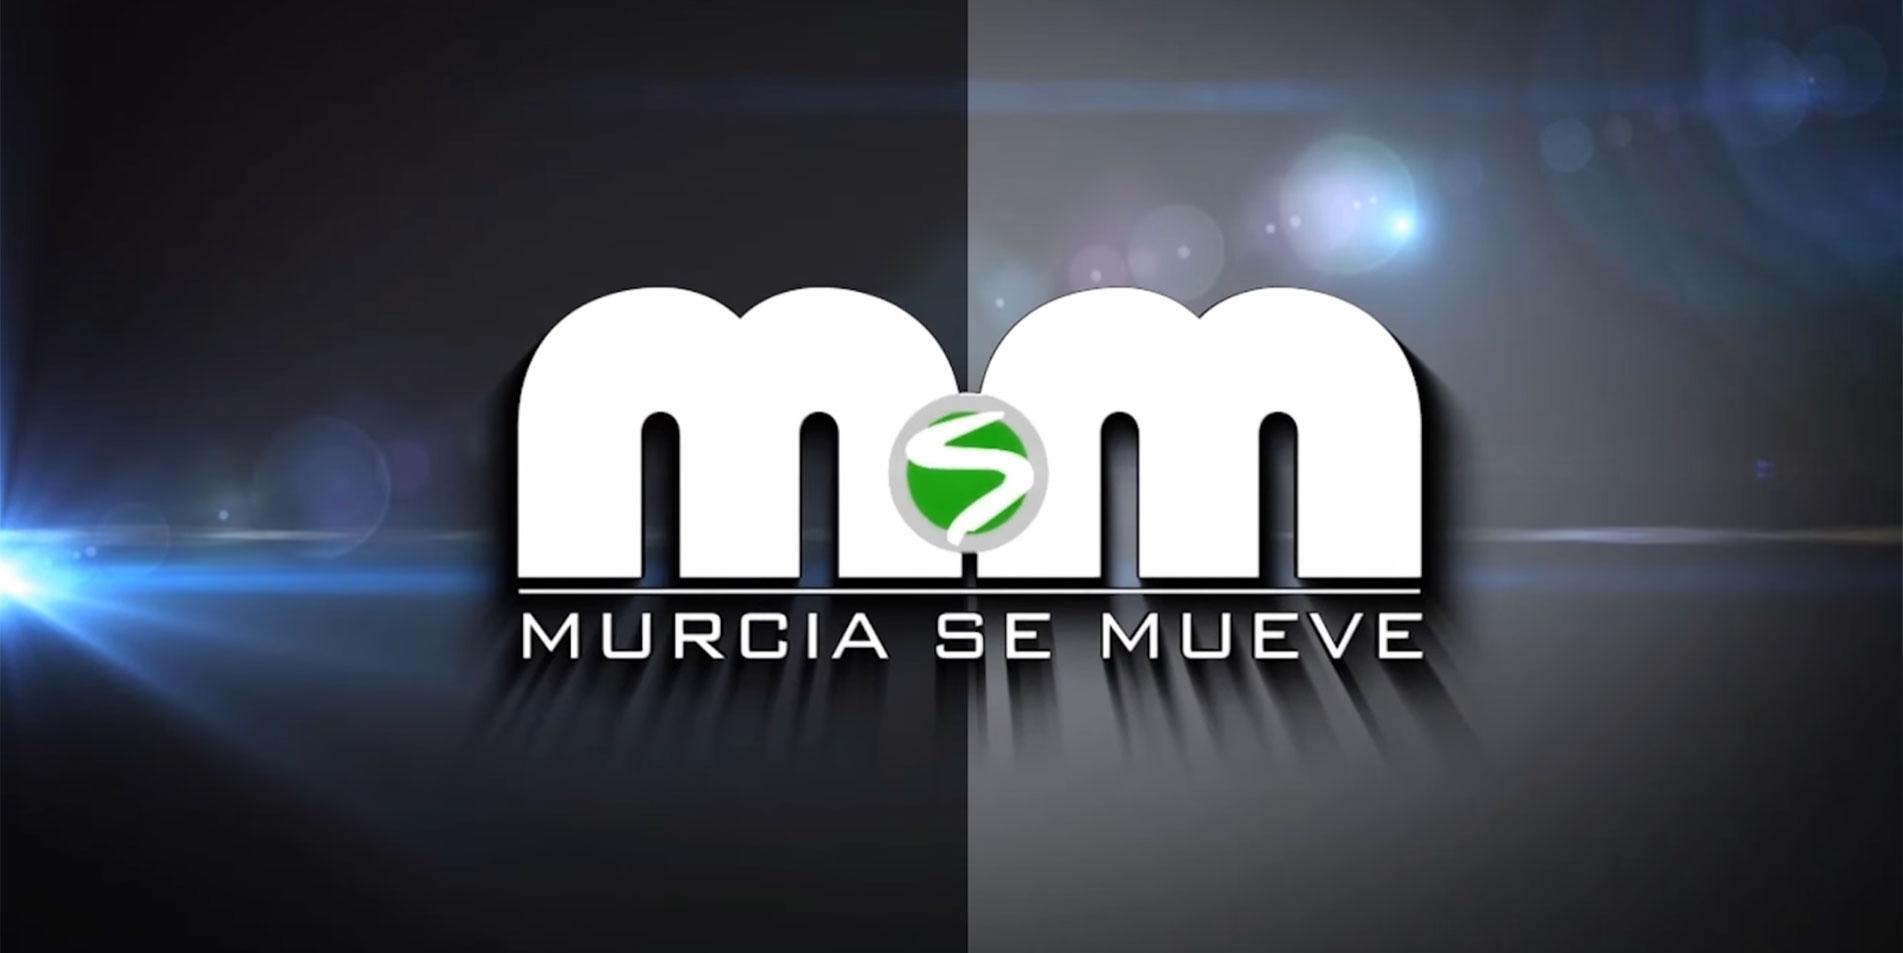 Playmark_Murcia_Se_Mueve